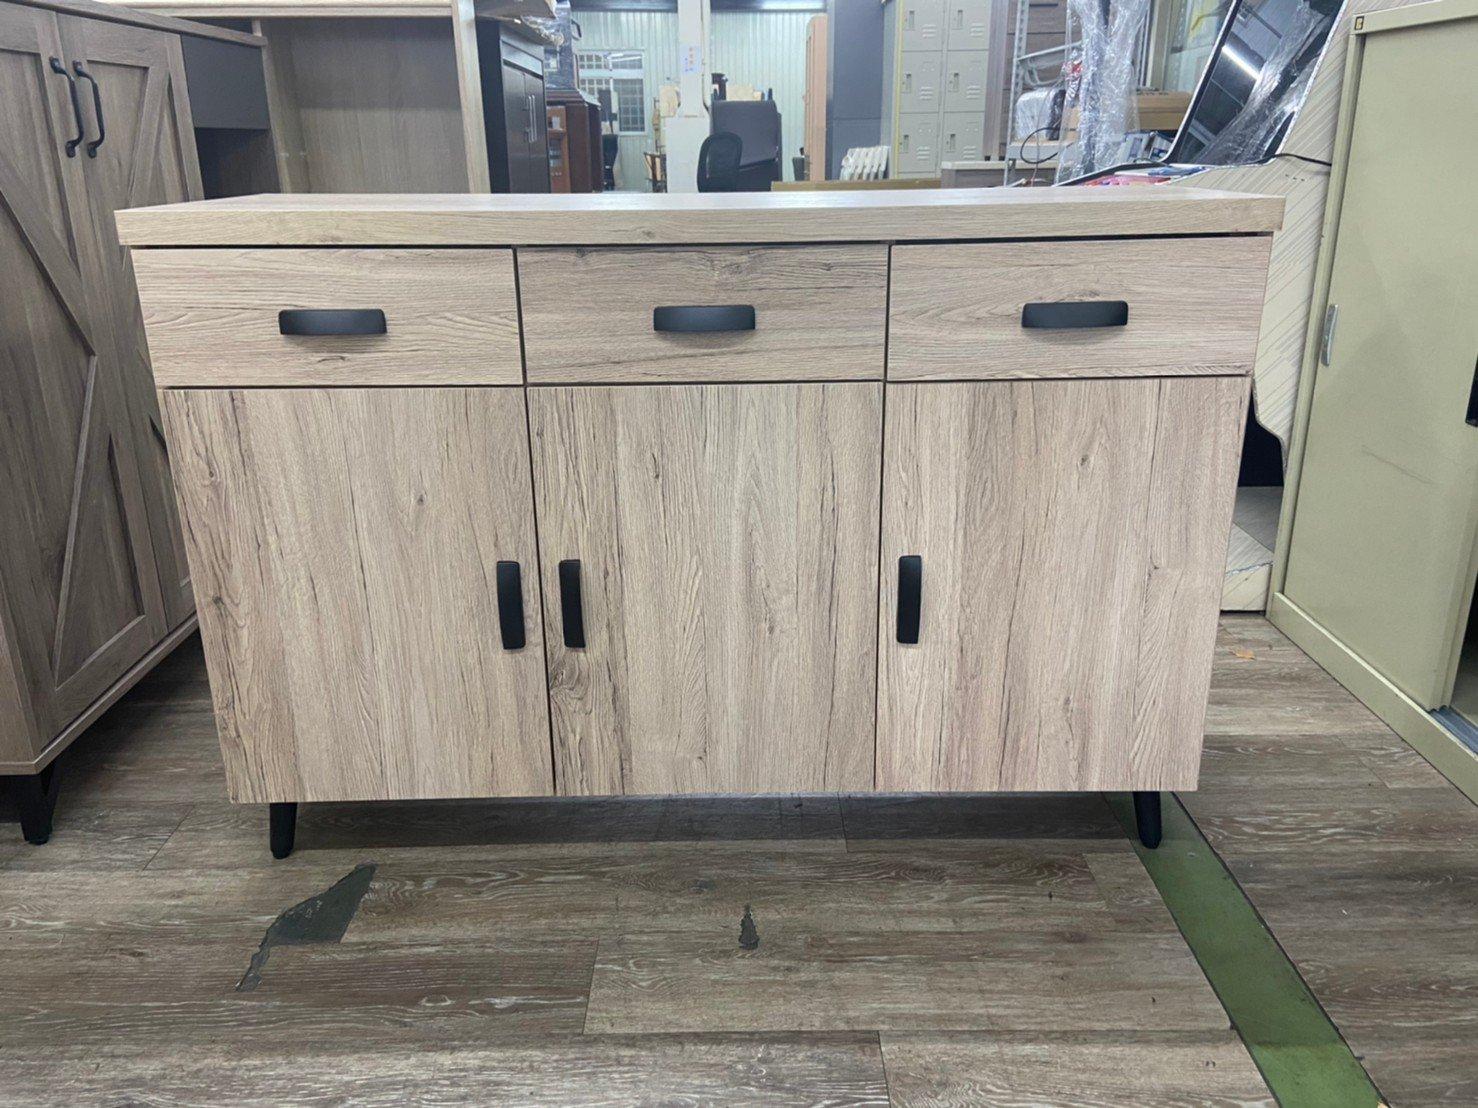 吉田二手傢俱❤全新原木色4尺櫥櫃 收納櫃 矮櫃 抽屜櫃 儲物櫃 置物櫃 電視櫃 玄關櫃 組合櫃 邊櫃 餐廚櫃